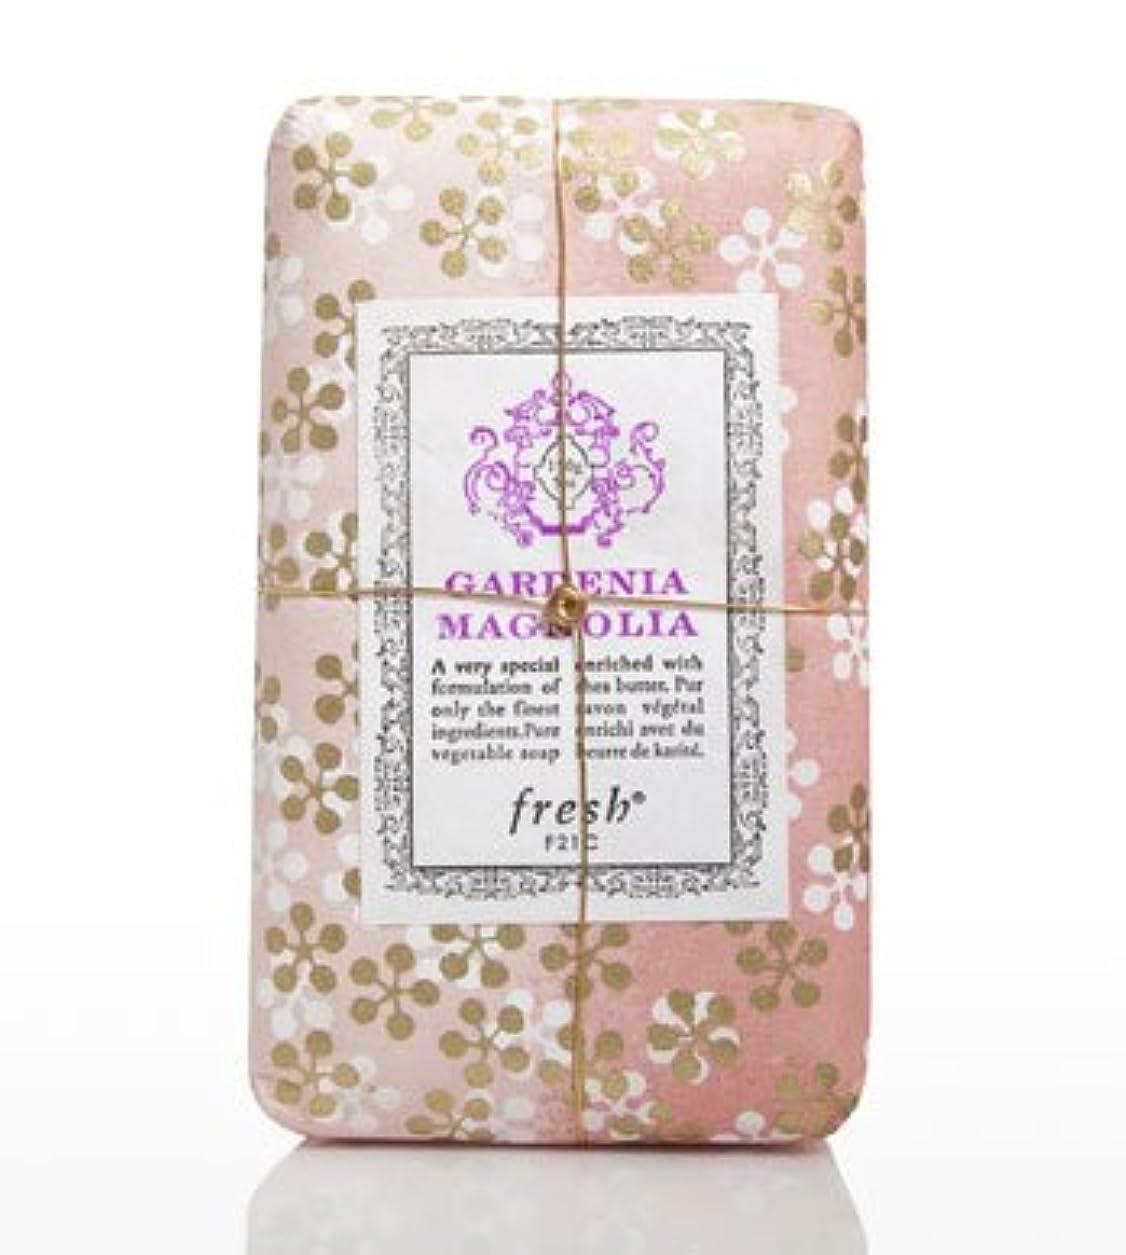 バイオレットかごキリンFresh GARDENIA MAGNOLIA SOAP(フレッシュ ガーデナマグノリア ソープ) 5.0 oz (150gl) 石鹸 by Fresh